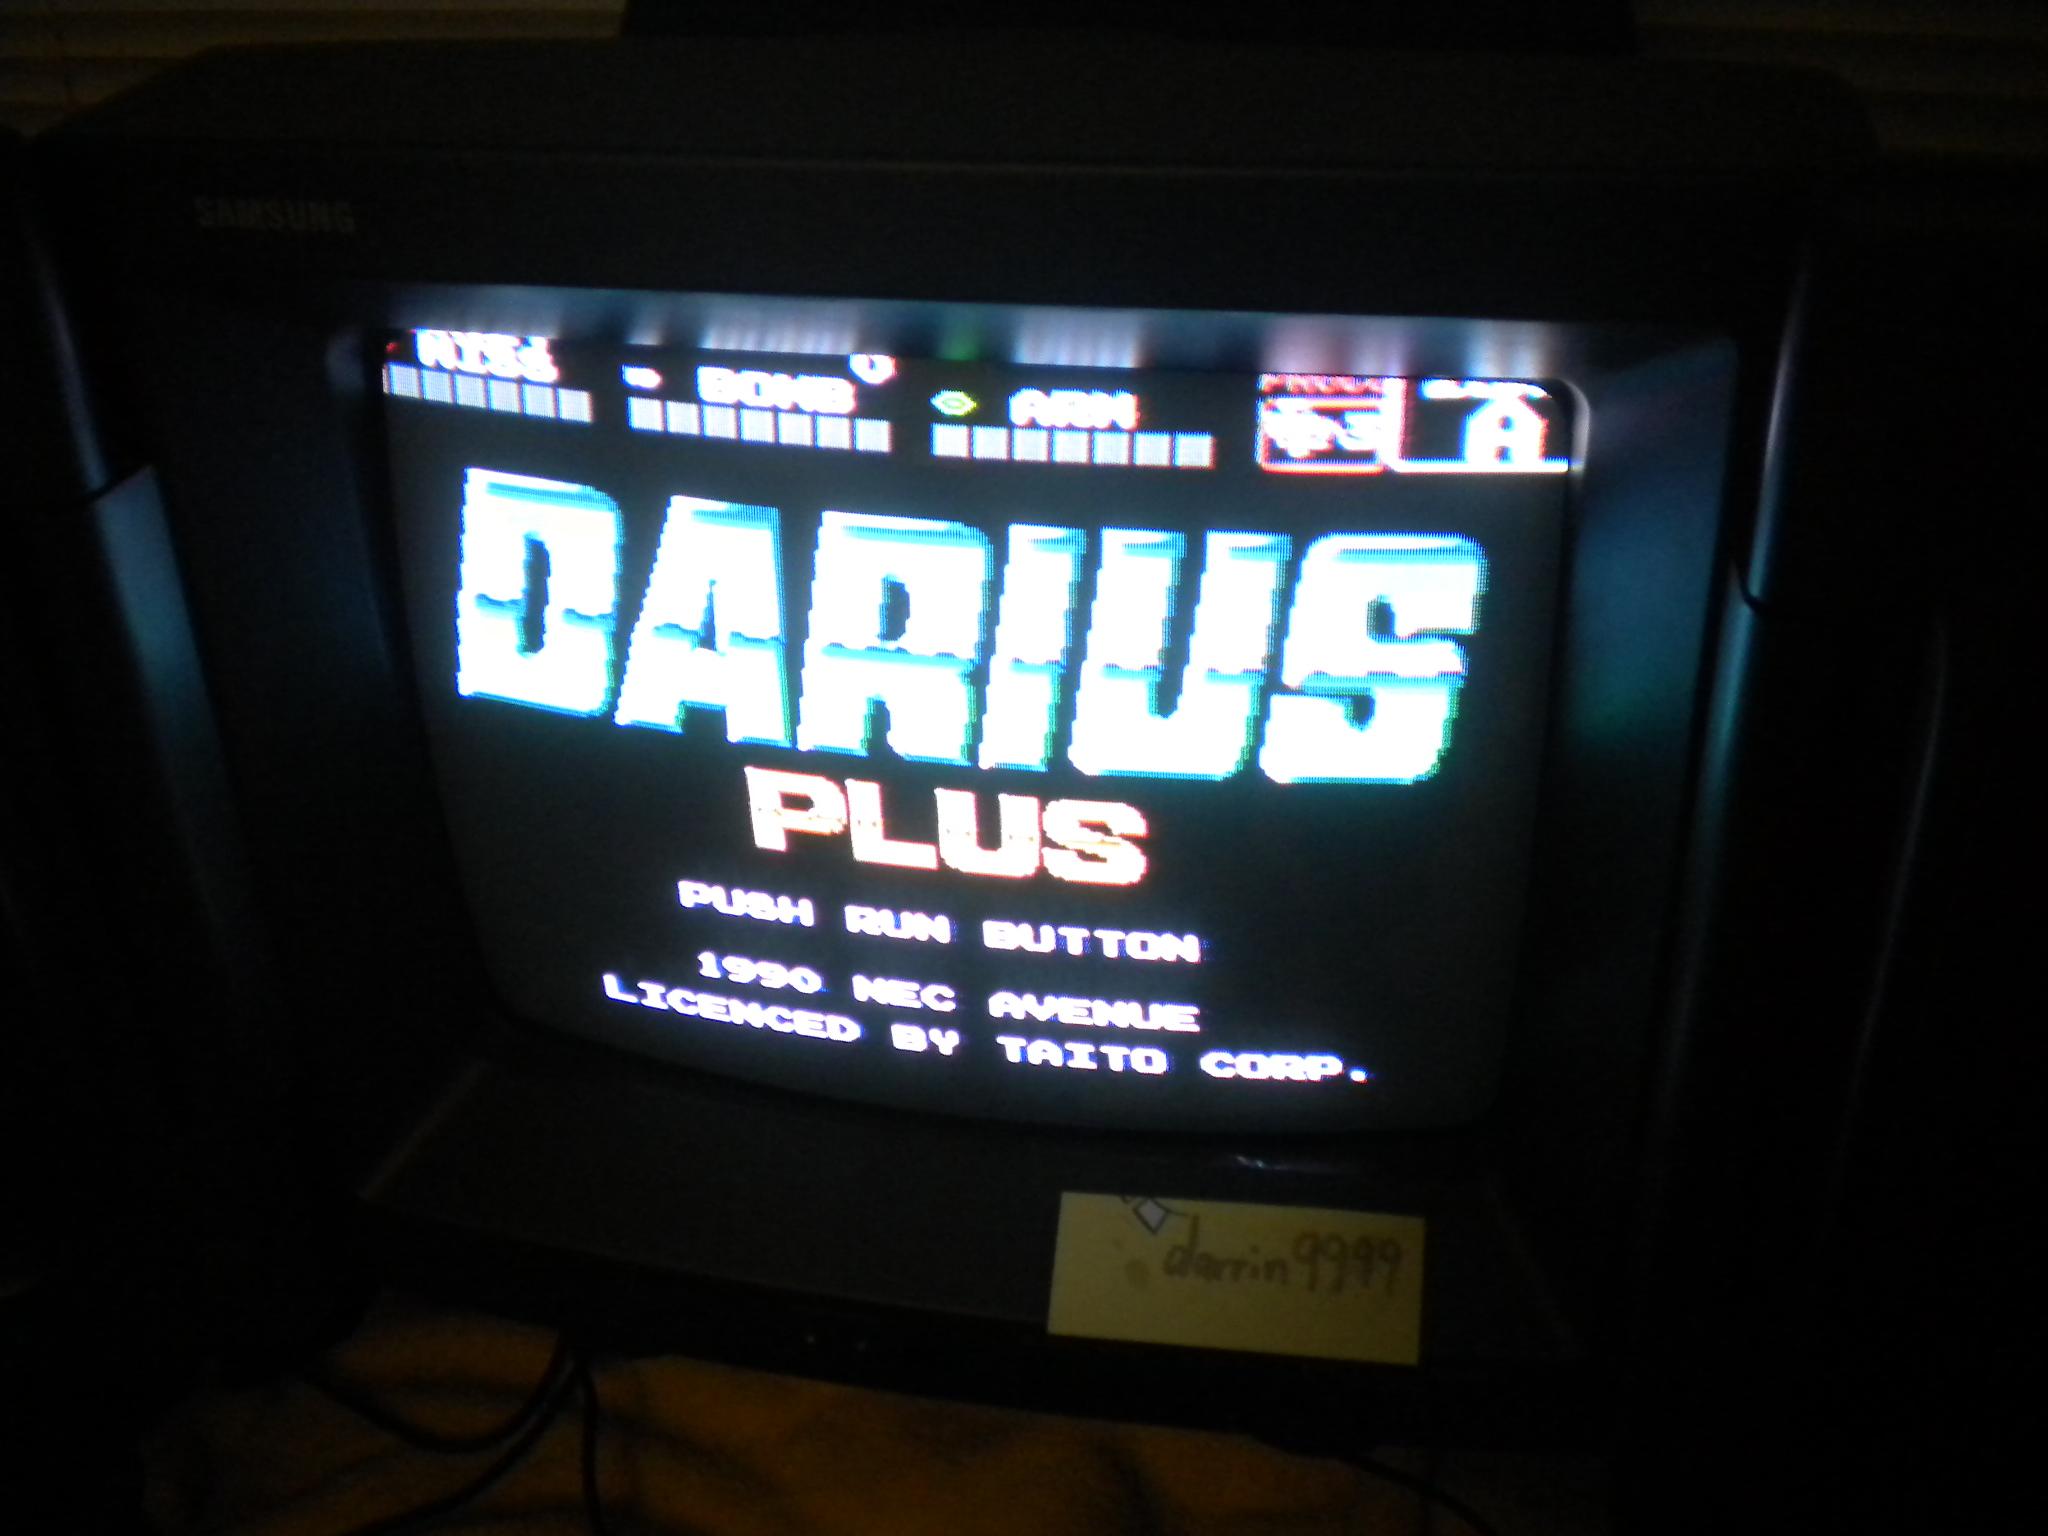 Darius Plus 135,700 points